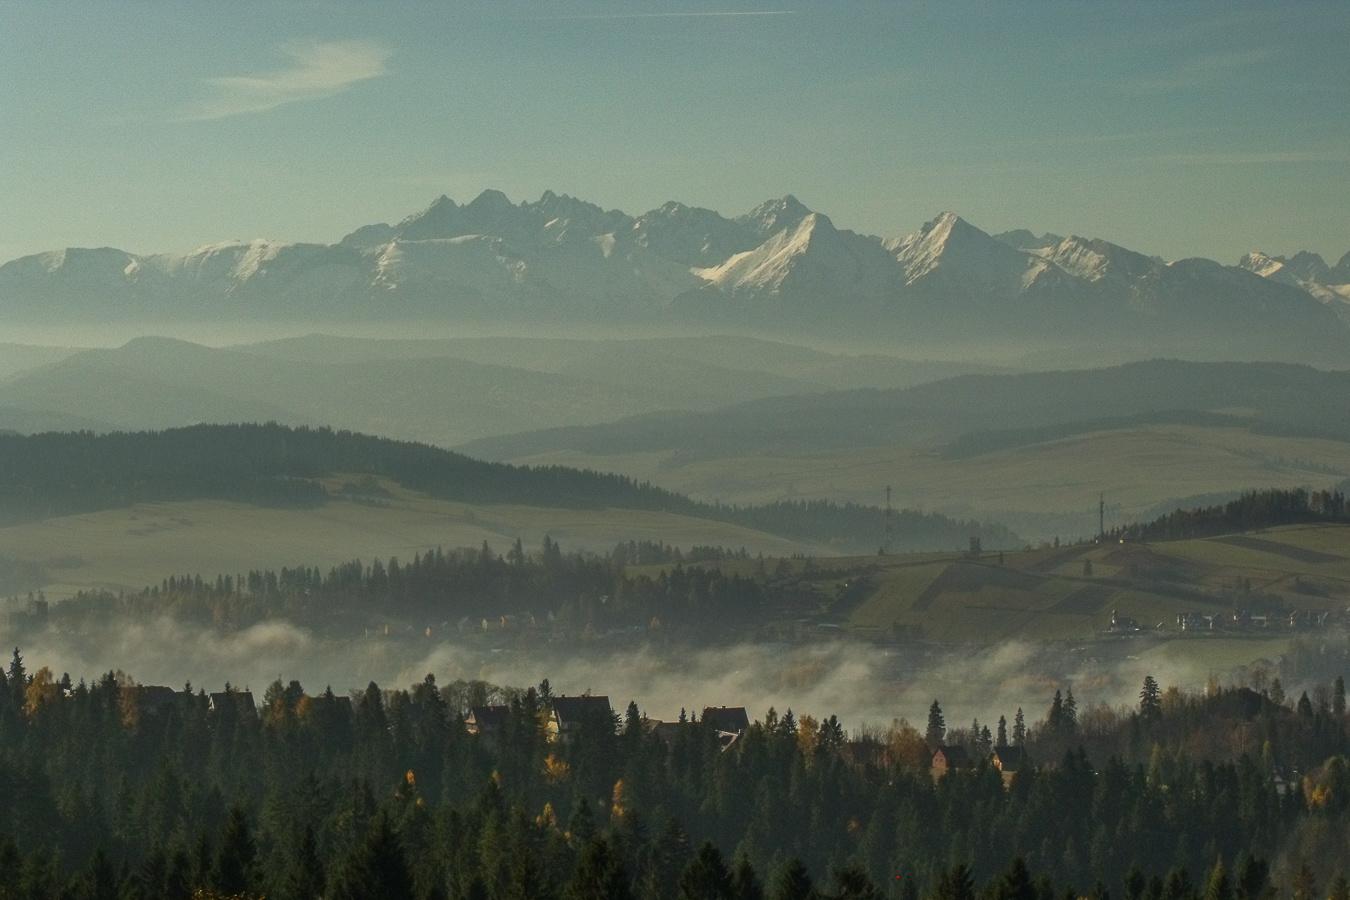 Widok na Tatry z Gorców, fotograf Paweł Litwin